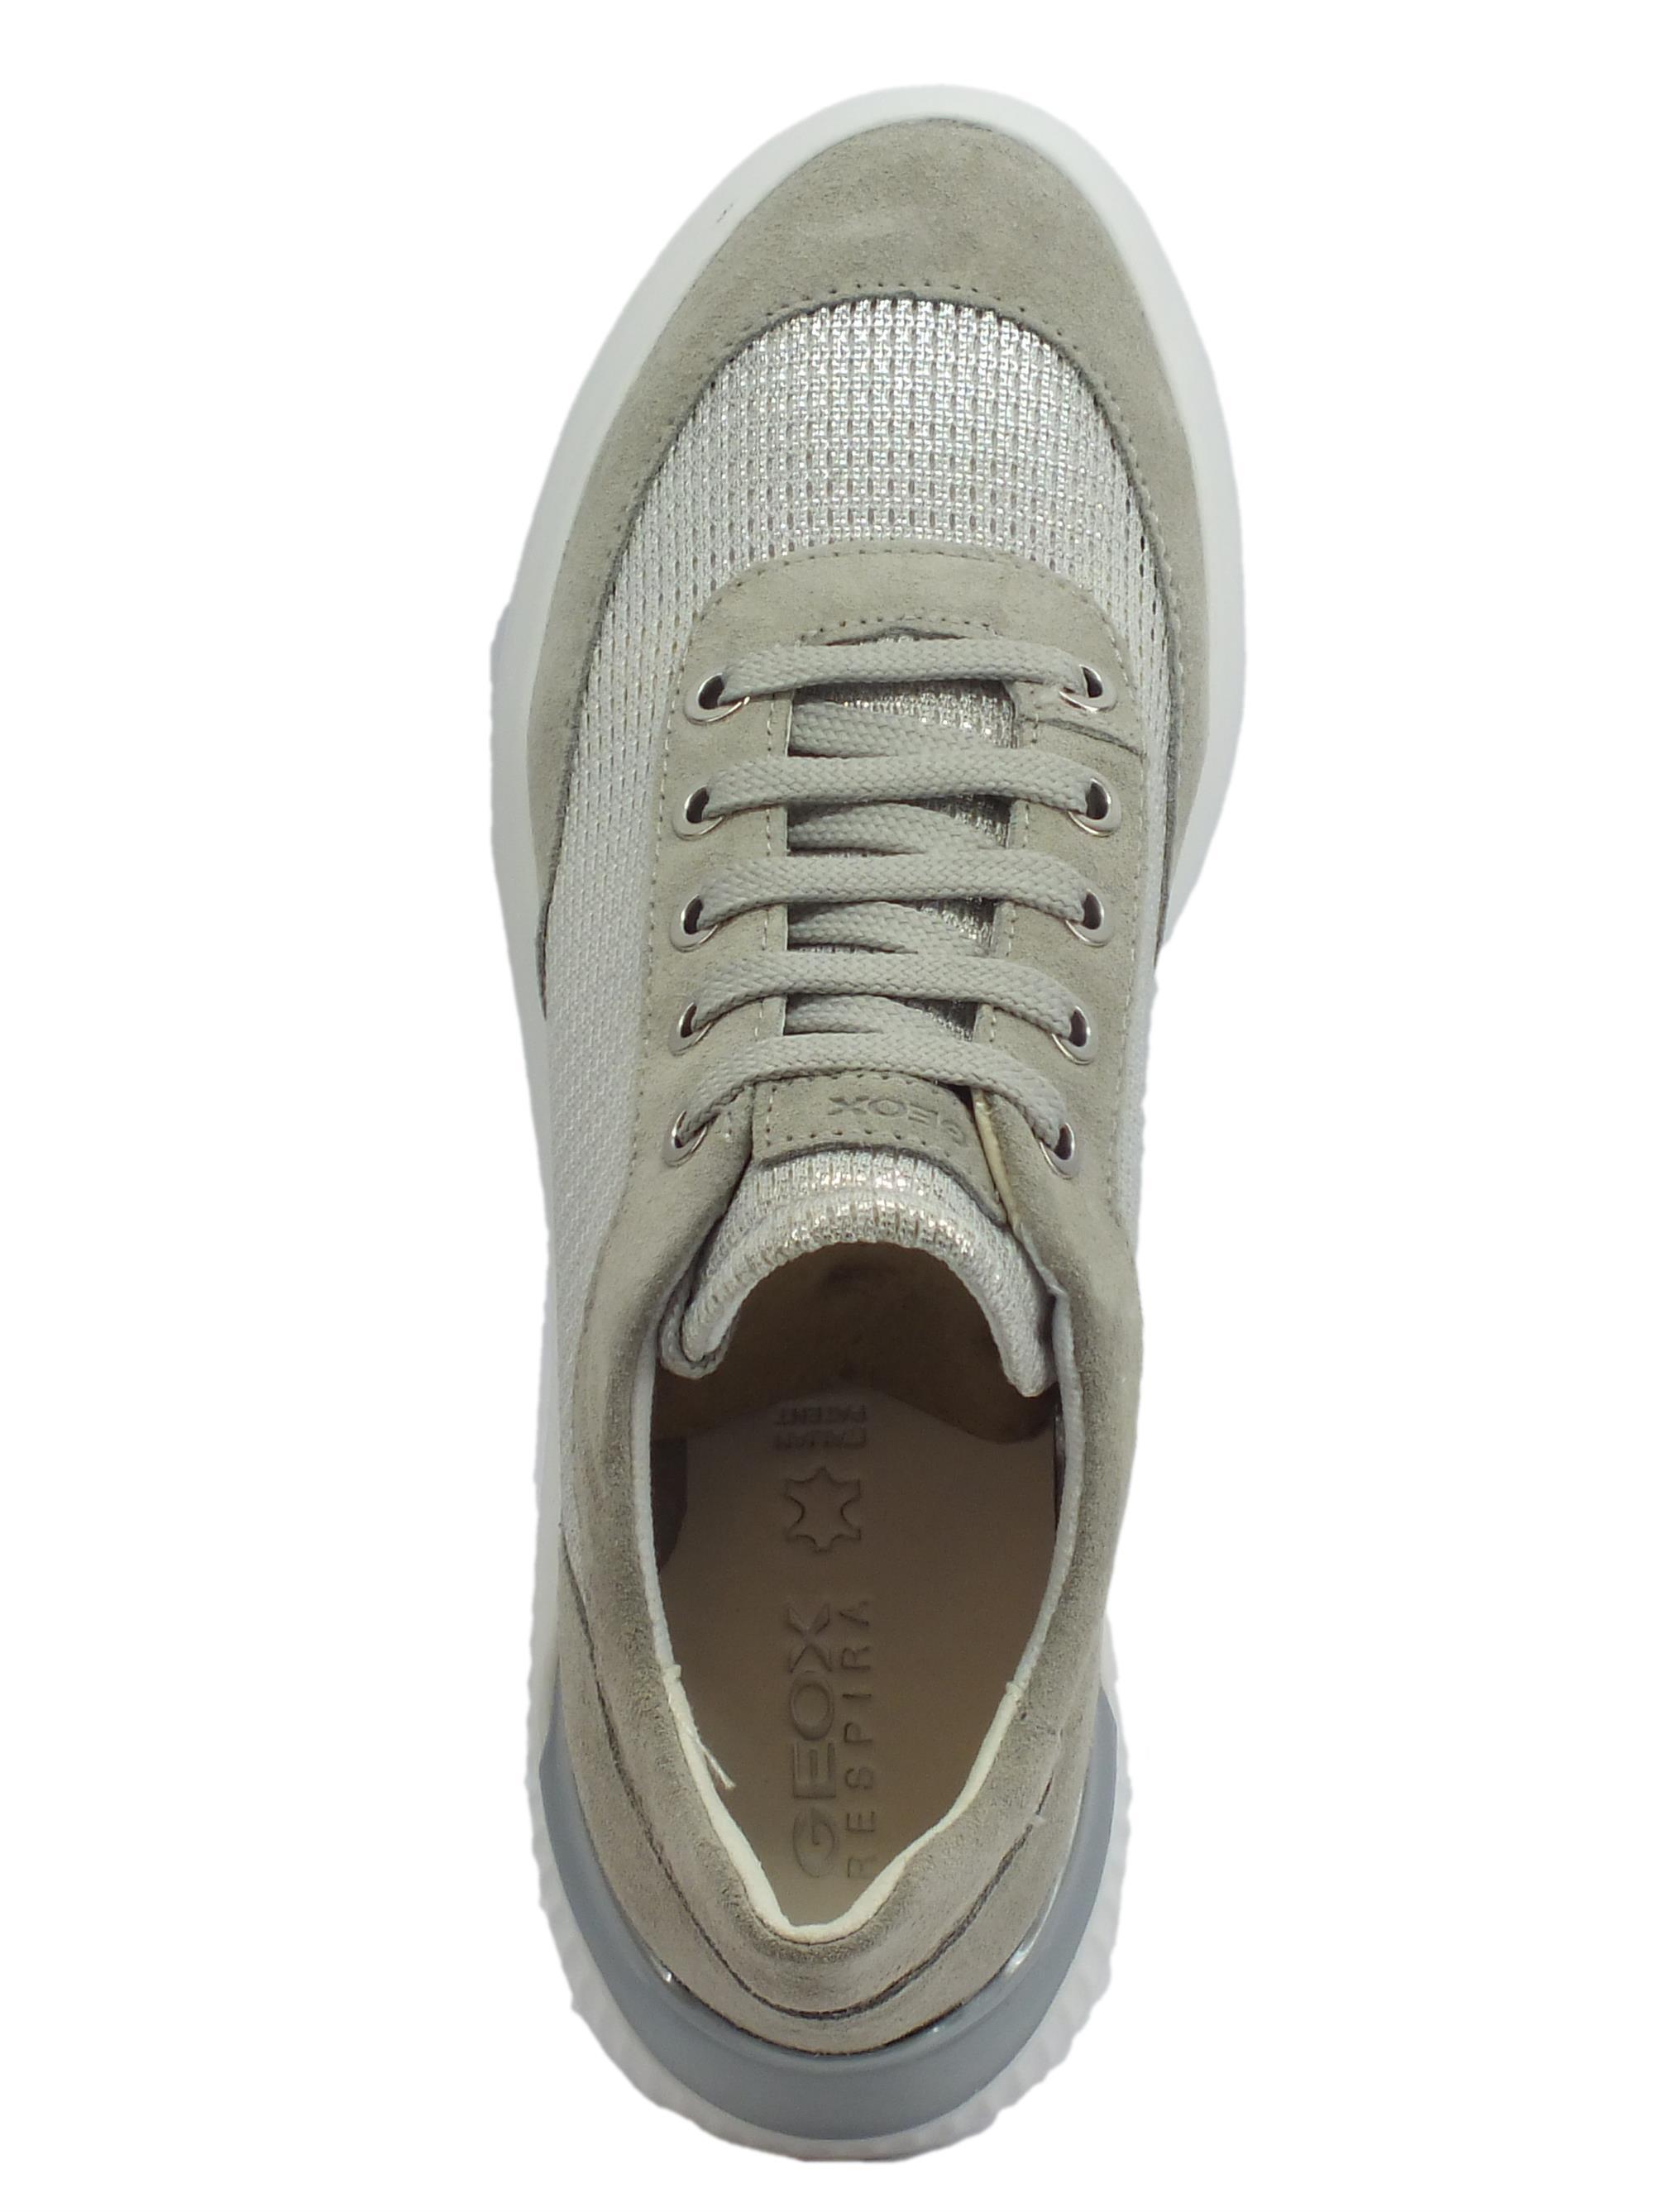 Sneakers Geox bassa in camoscio e tela.